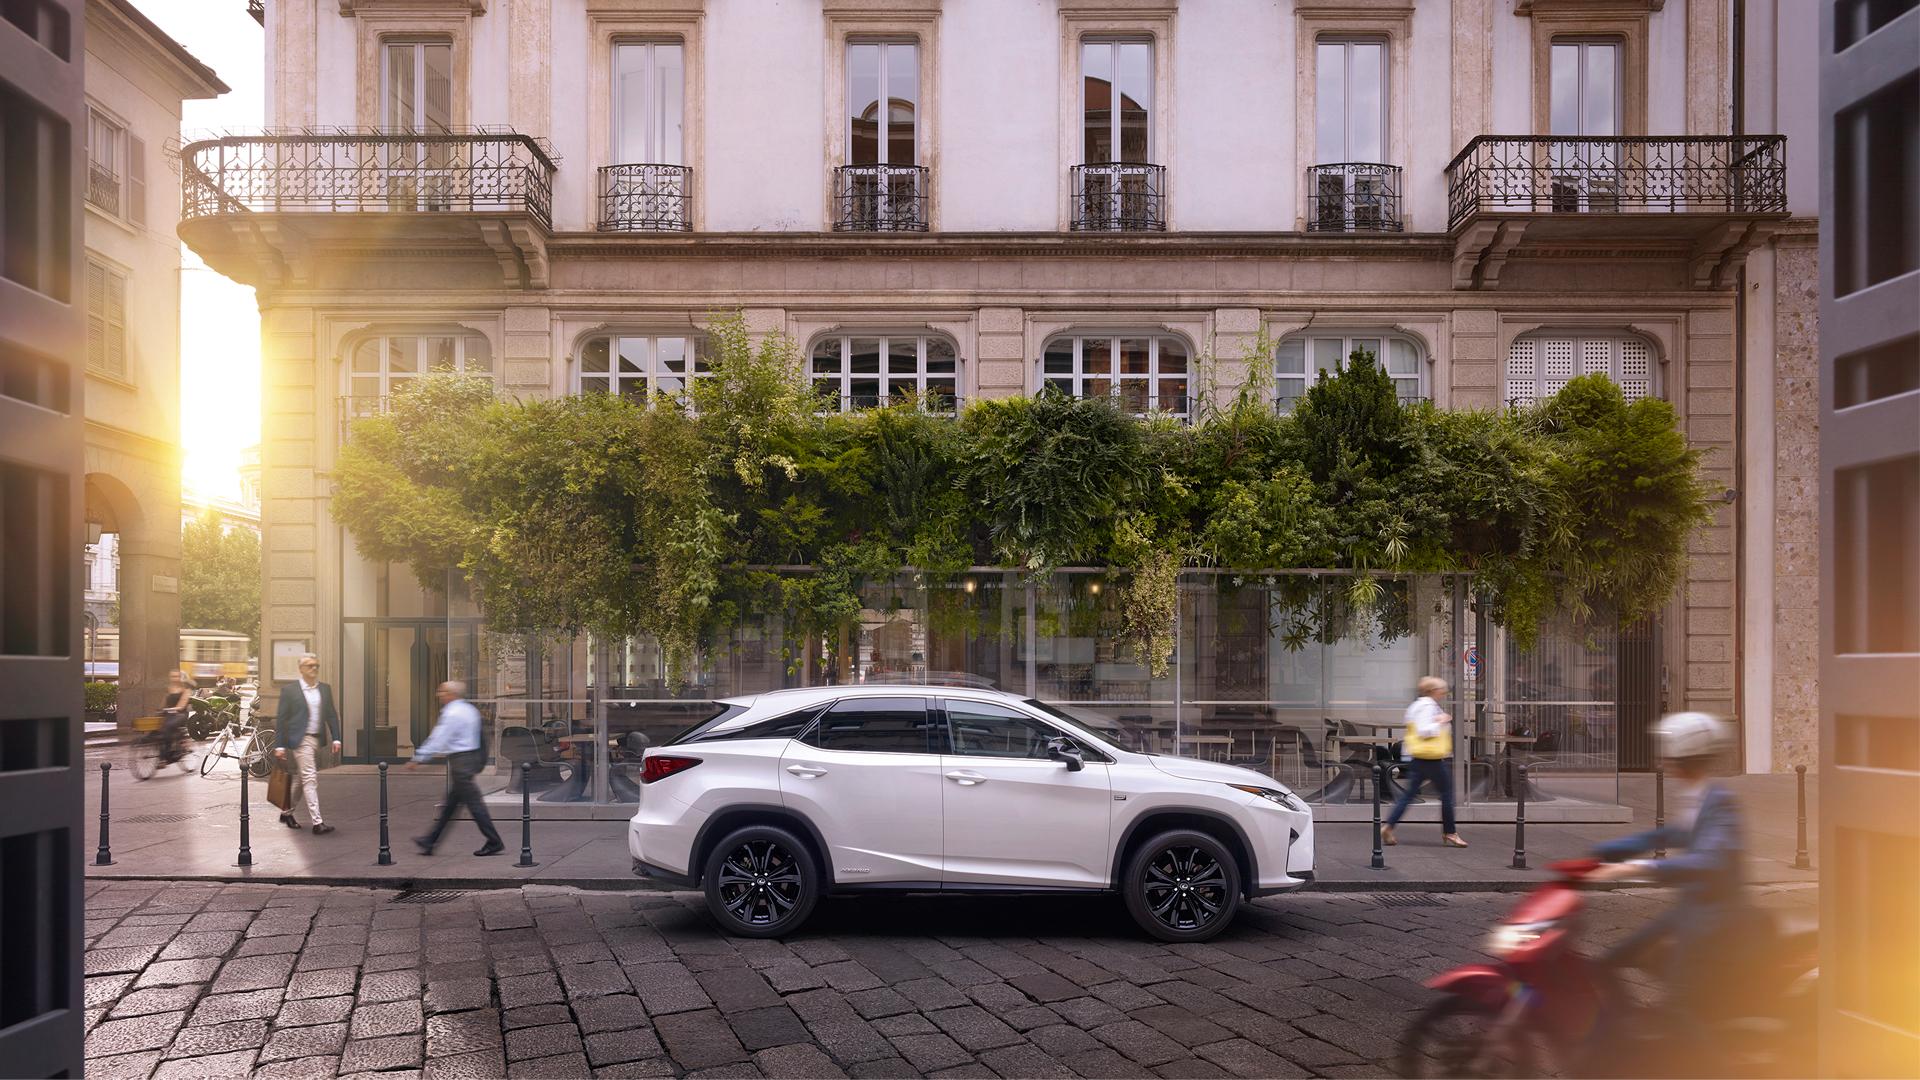 El Lexus RX 450h Híbrido en color blanco aparcado en la calle